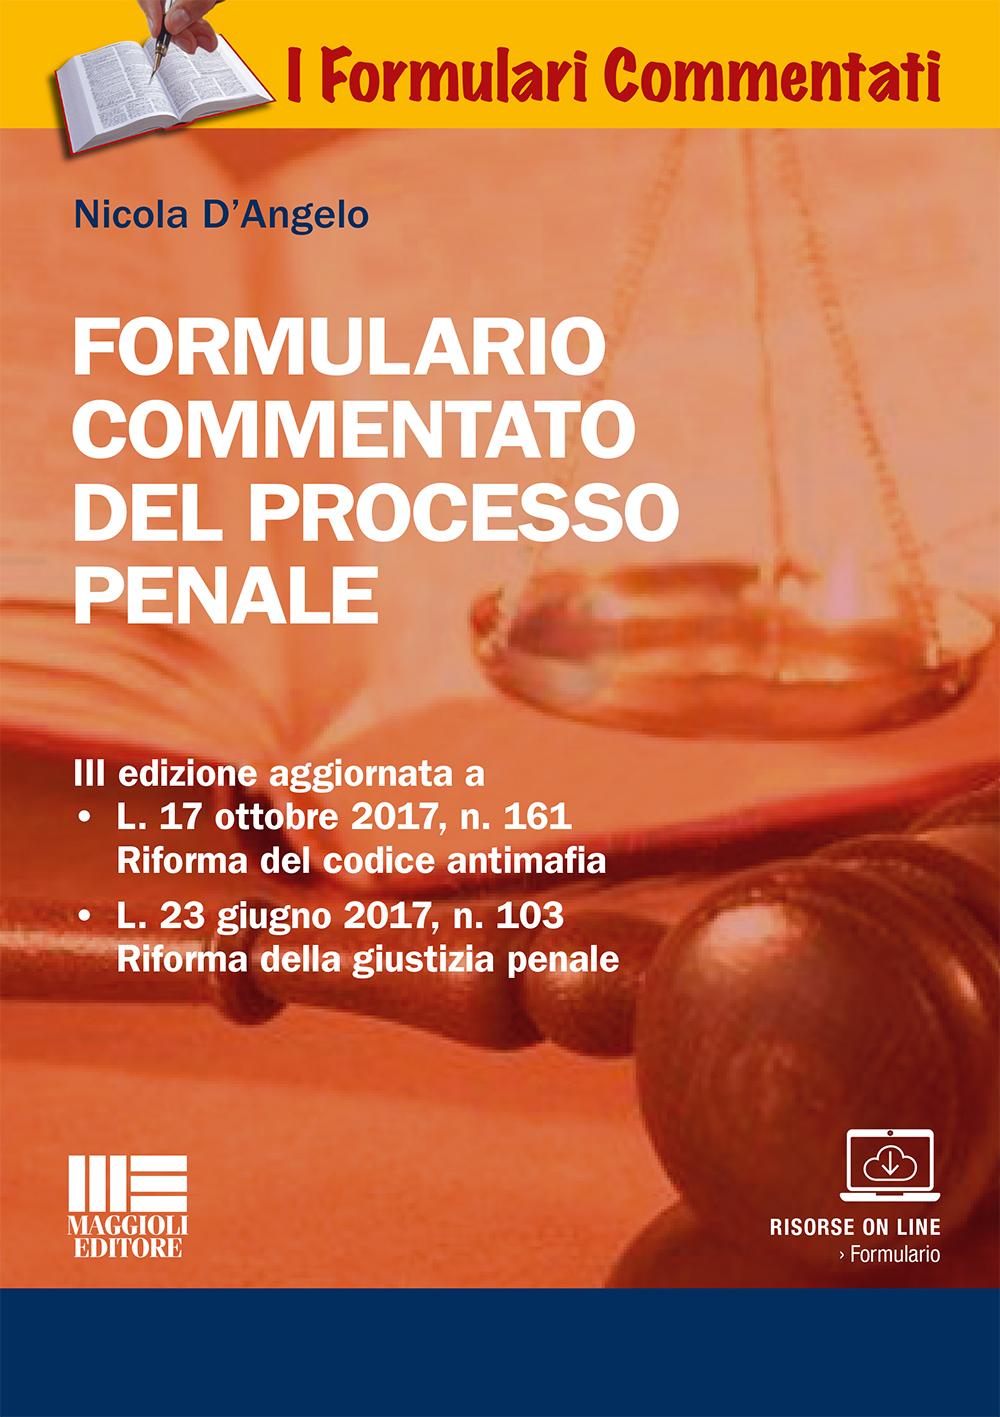 Formulario commentato del processo penale